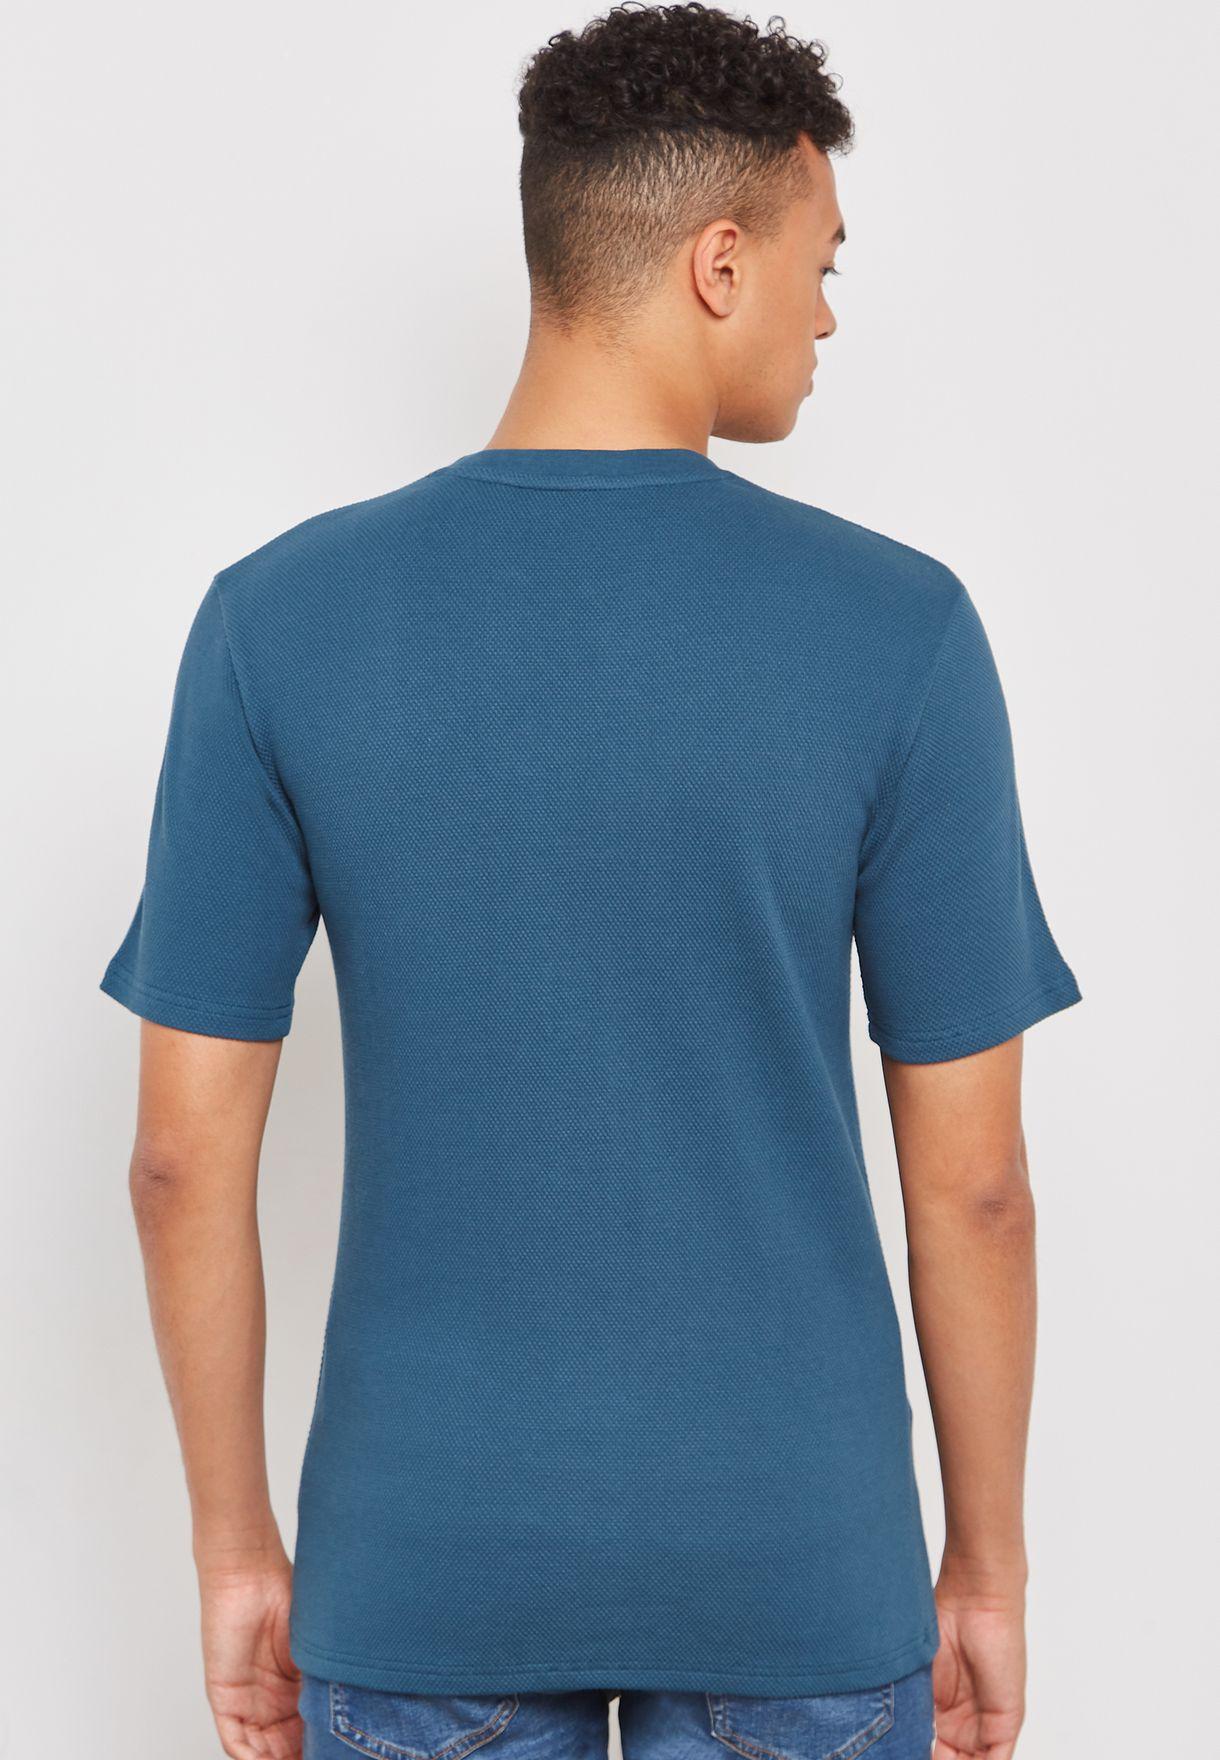 Wilson T shirt